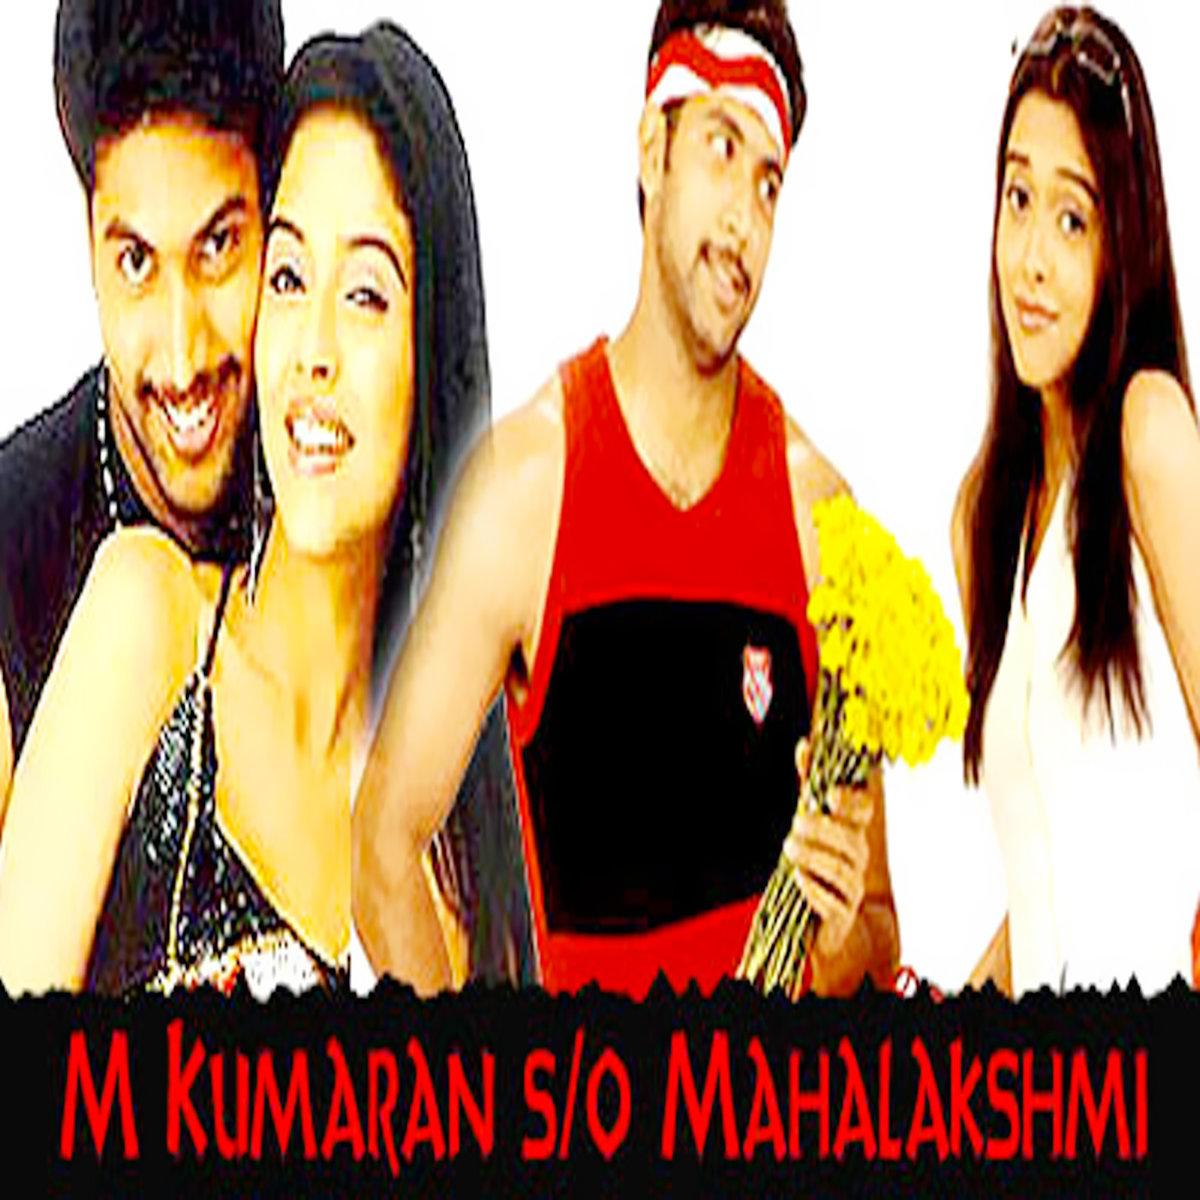 M Kumaran So Mahalakshmi M.Kumaran S/O m...